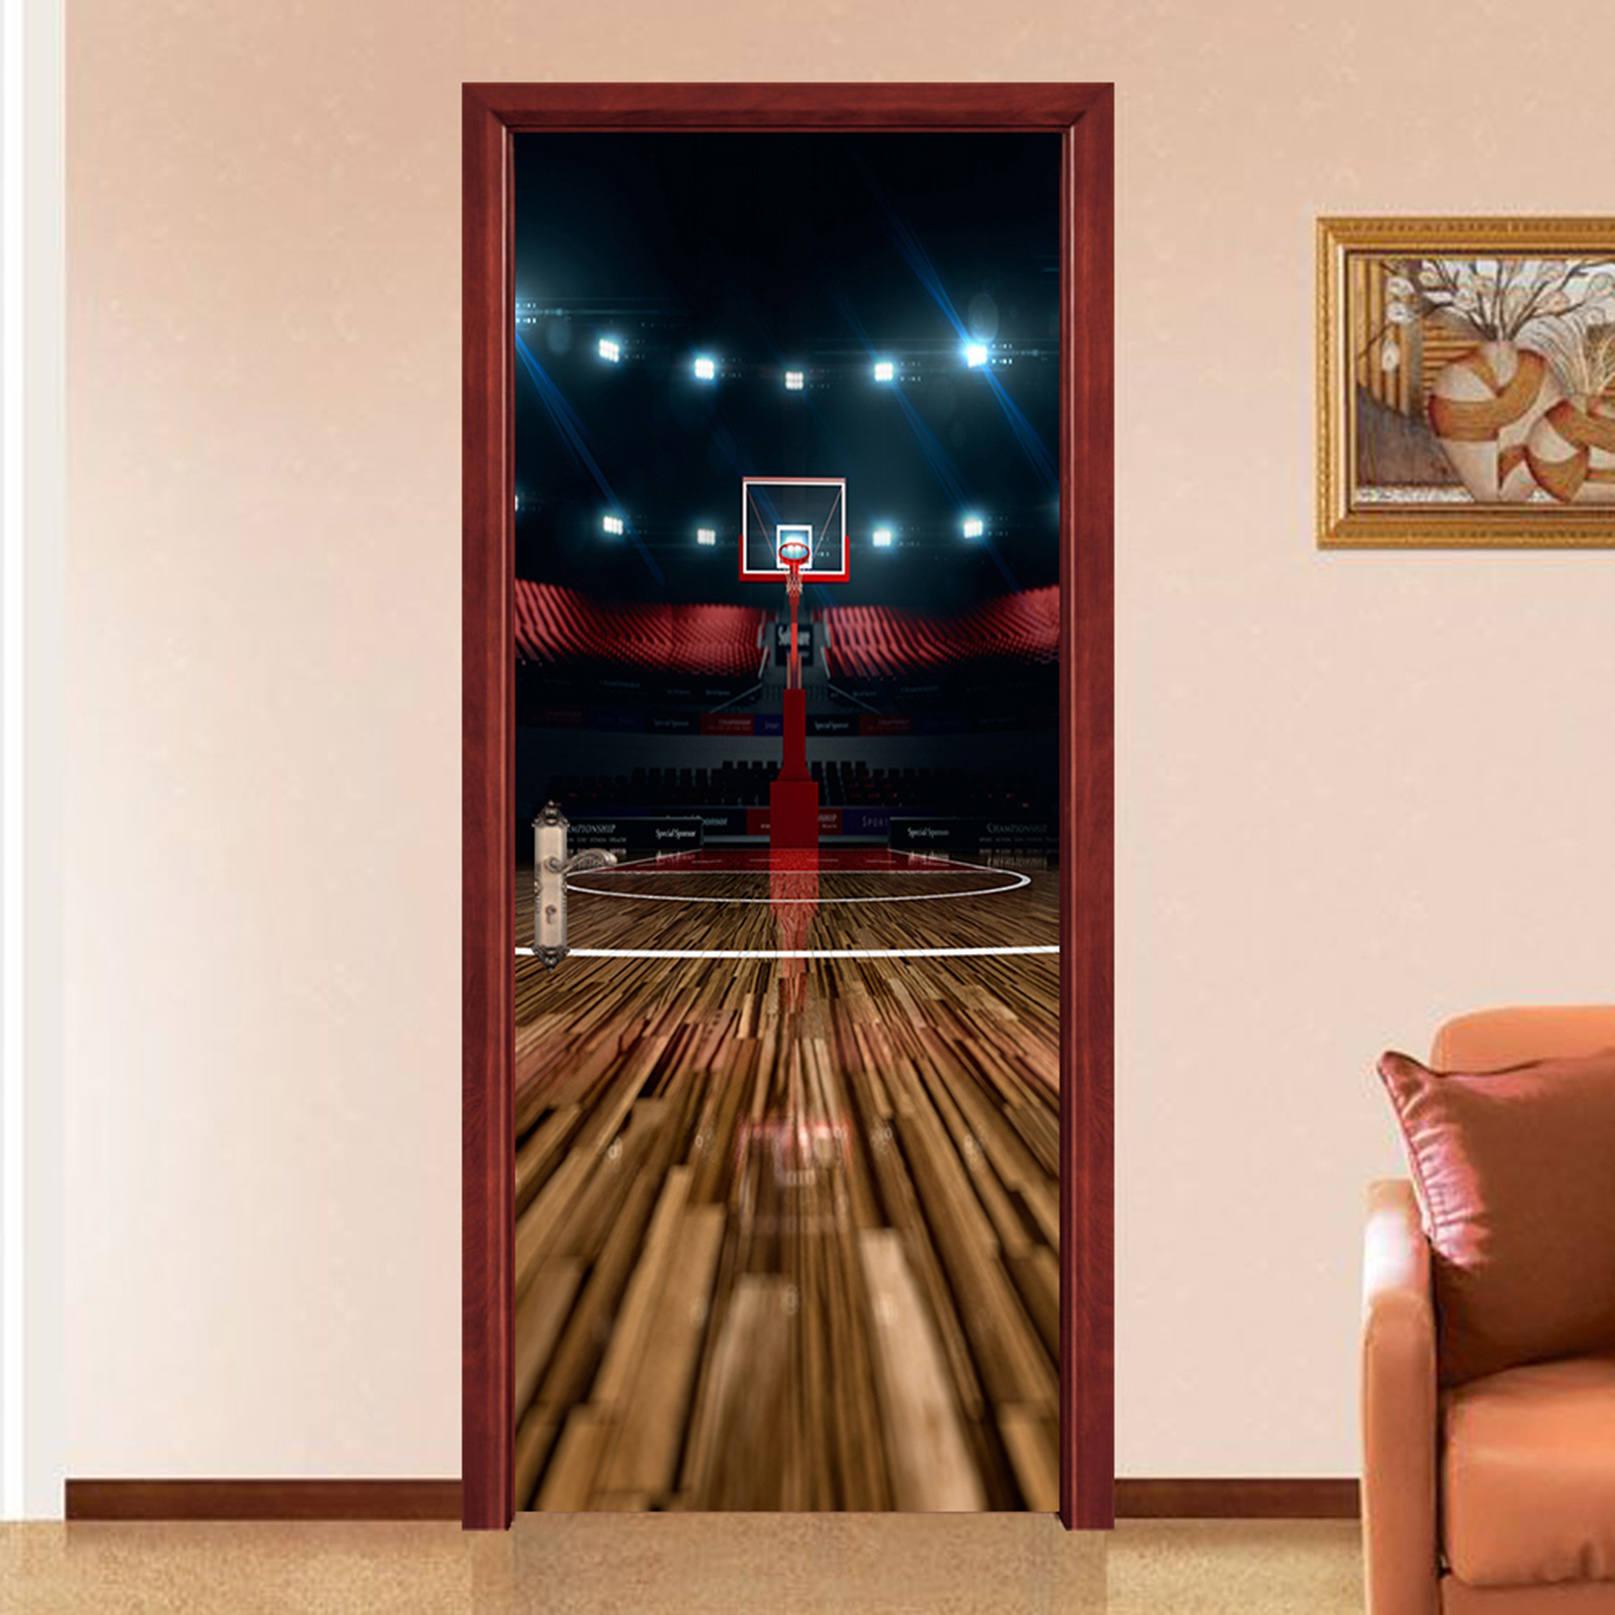 3d basketball court 513 view mural door wallpaper mural wall print 3d basketball court 513 view mural door wallpaper mural wall print decal wall deco wall mural amipublicfo Choice Image